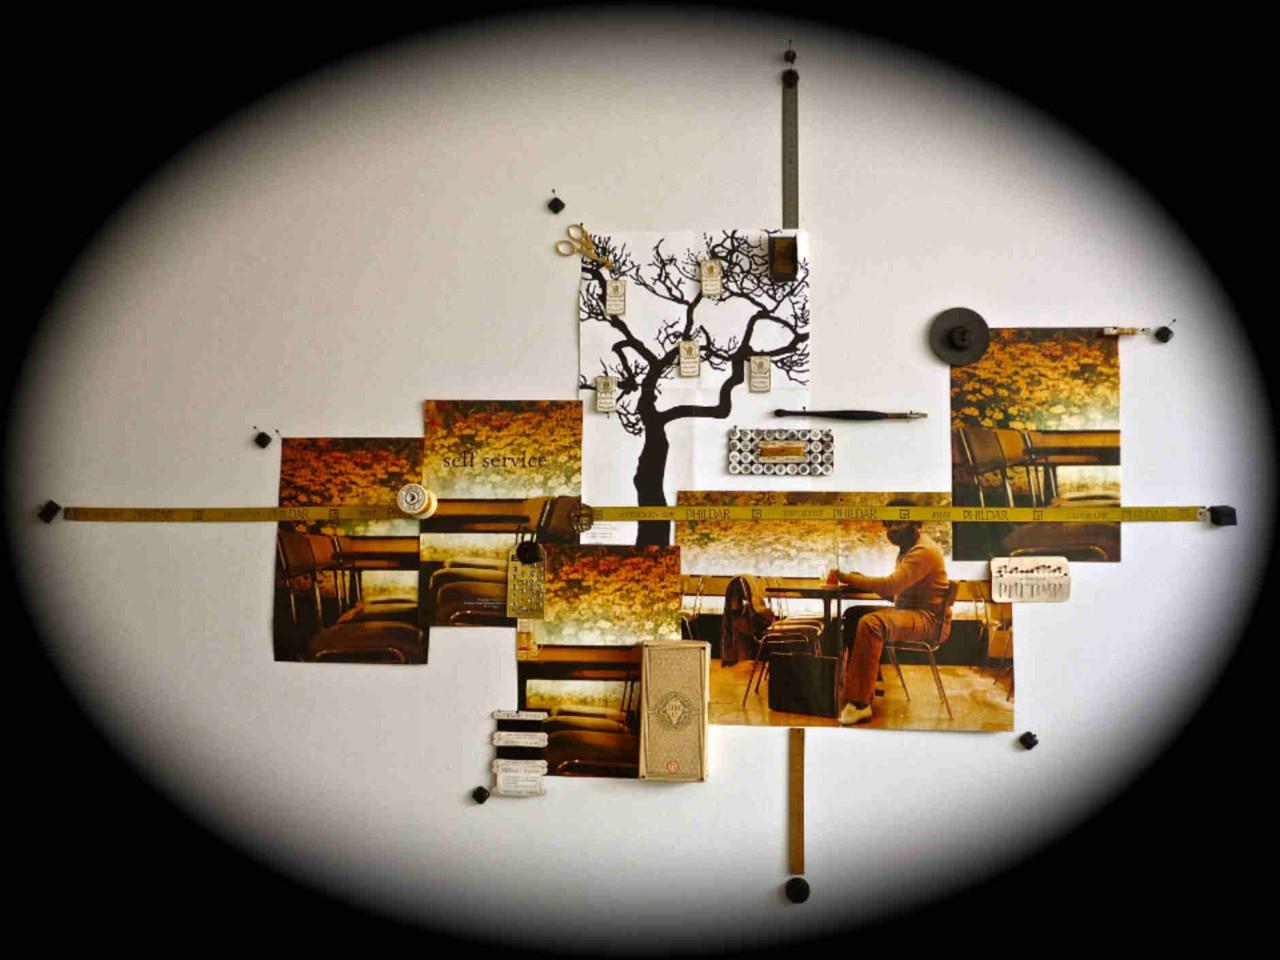 itecom art design paris cv comuart itecom paris archi. Black Bedroom Furniture Sets. Home Design Ideas